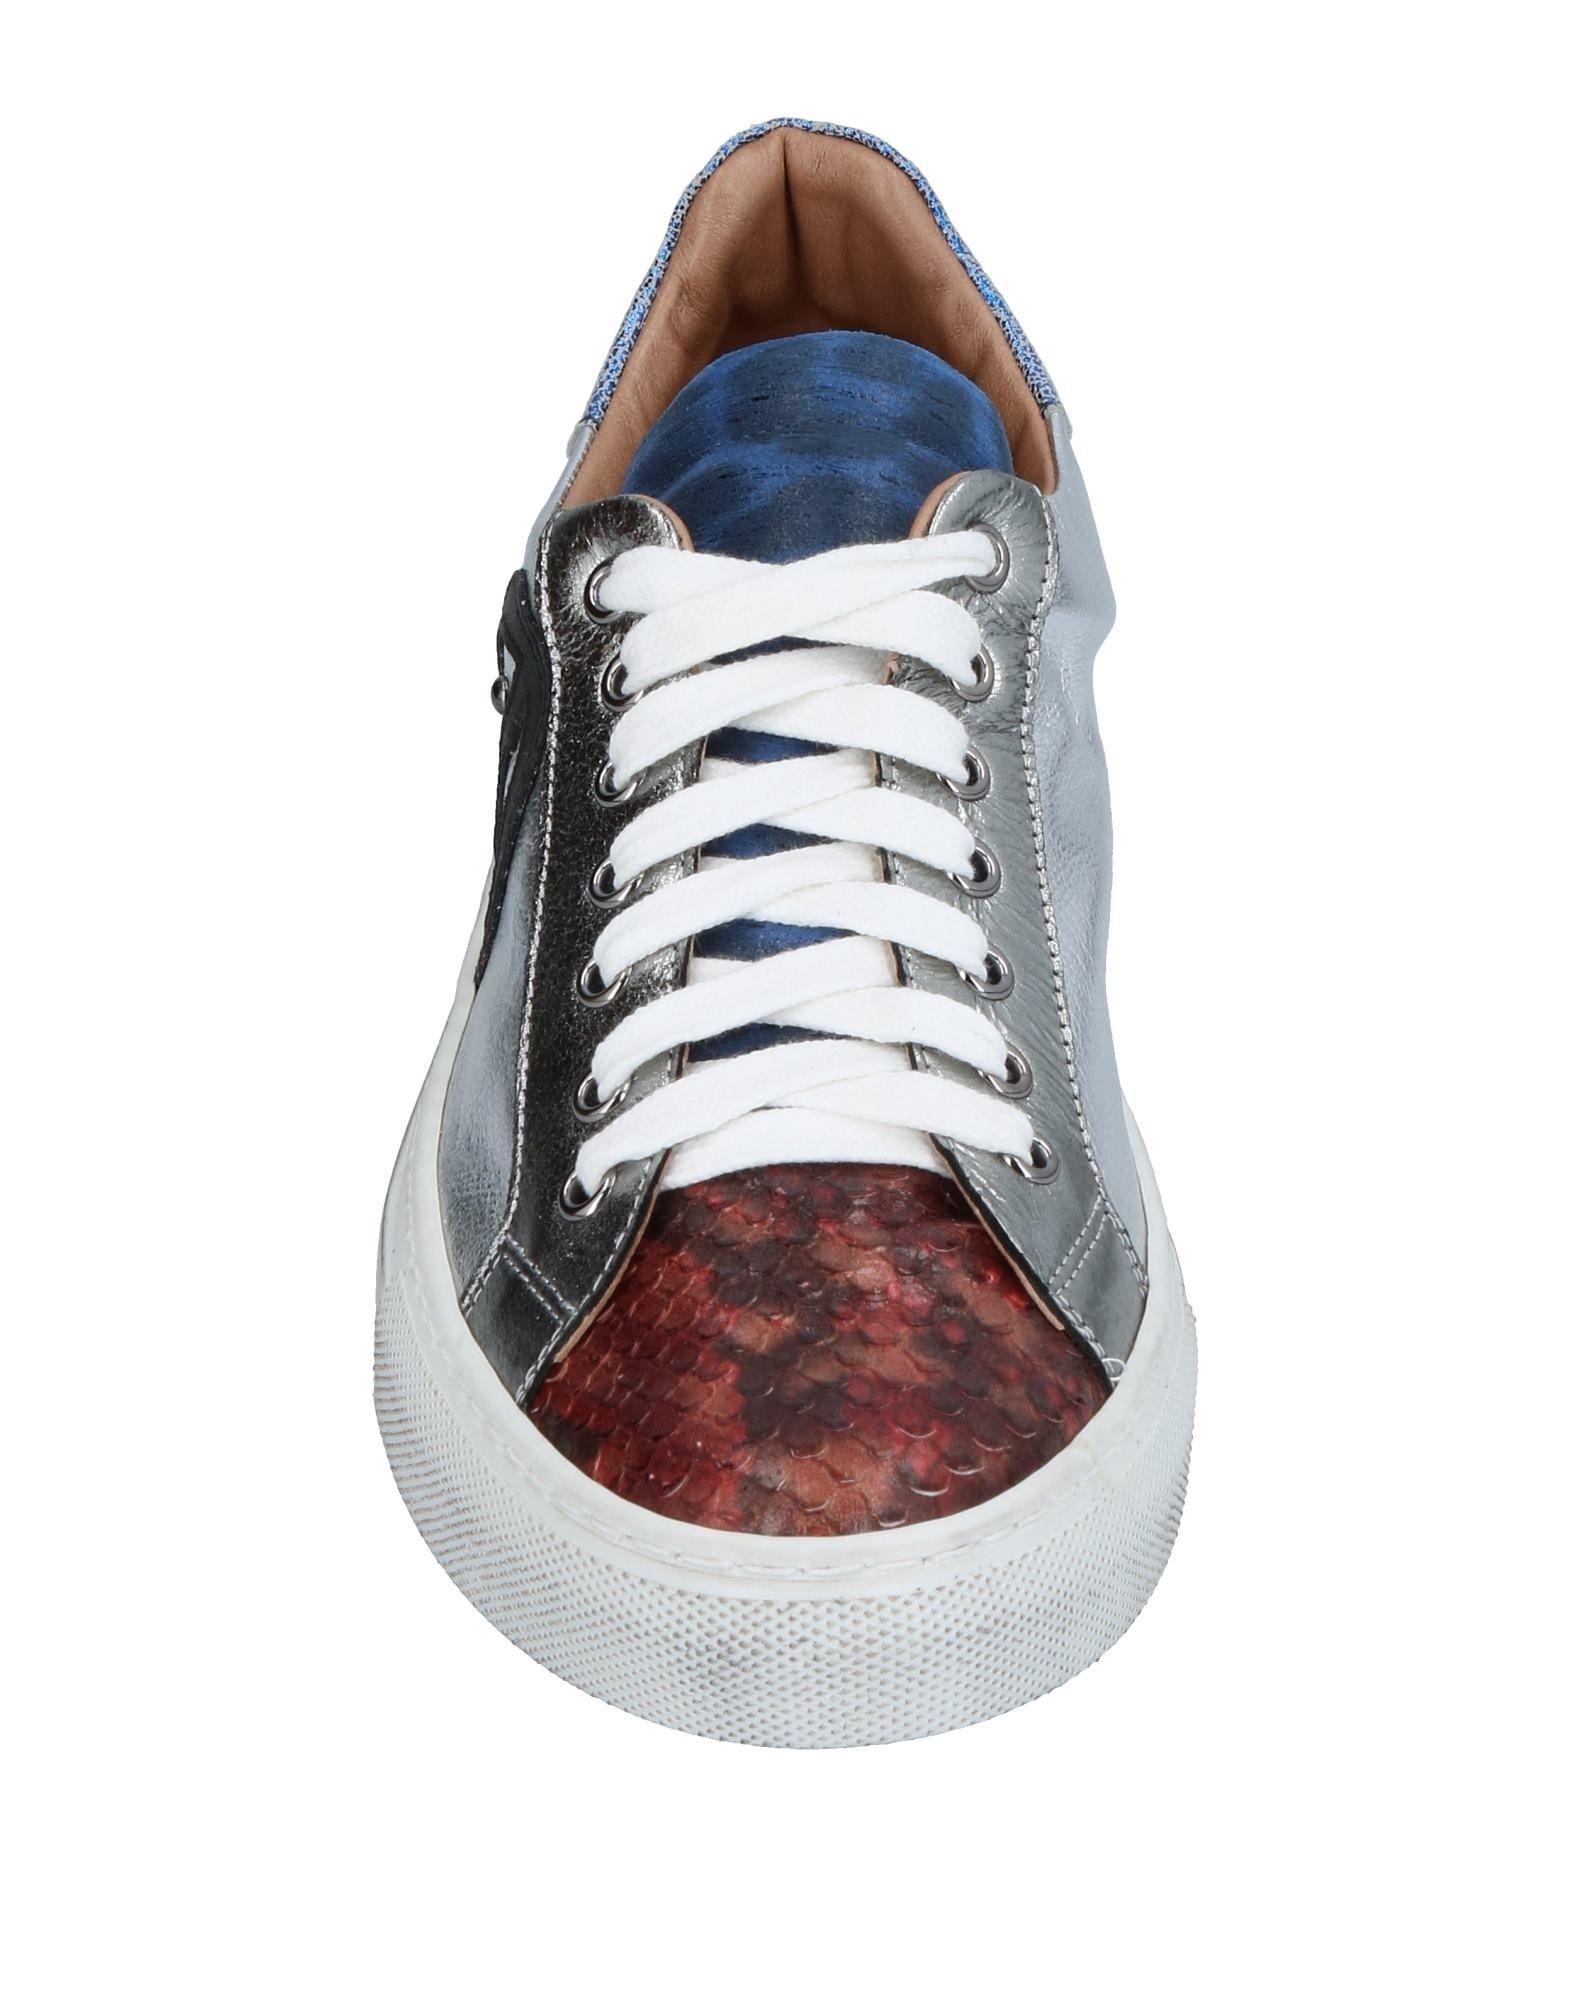 Rabatt echte Schuhe Herren Ebarrito Sneakers Herren Schuhe  11371683EB 023032